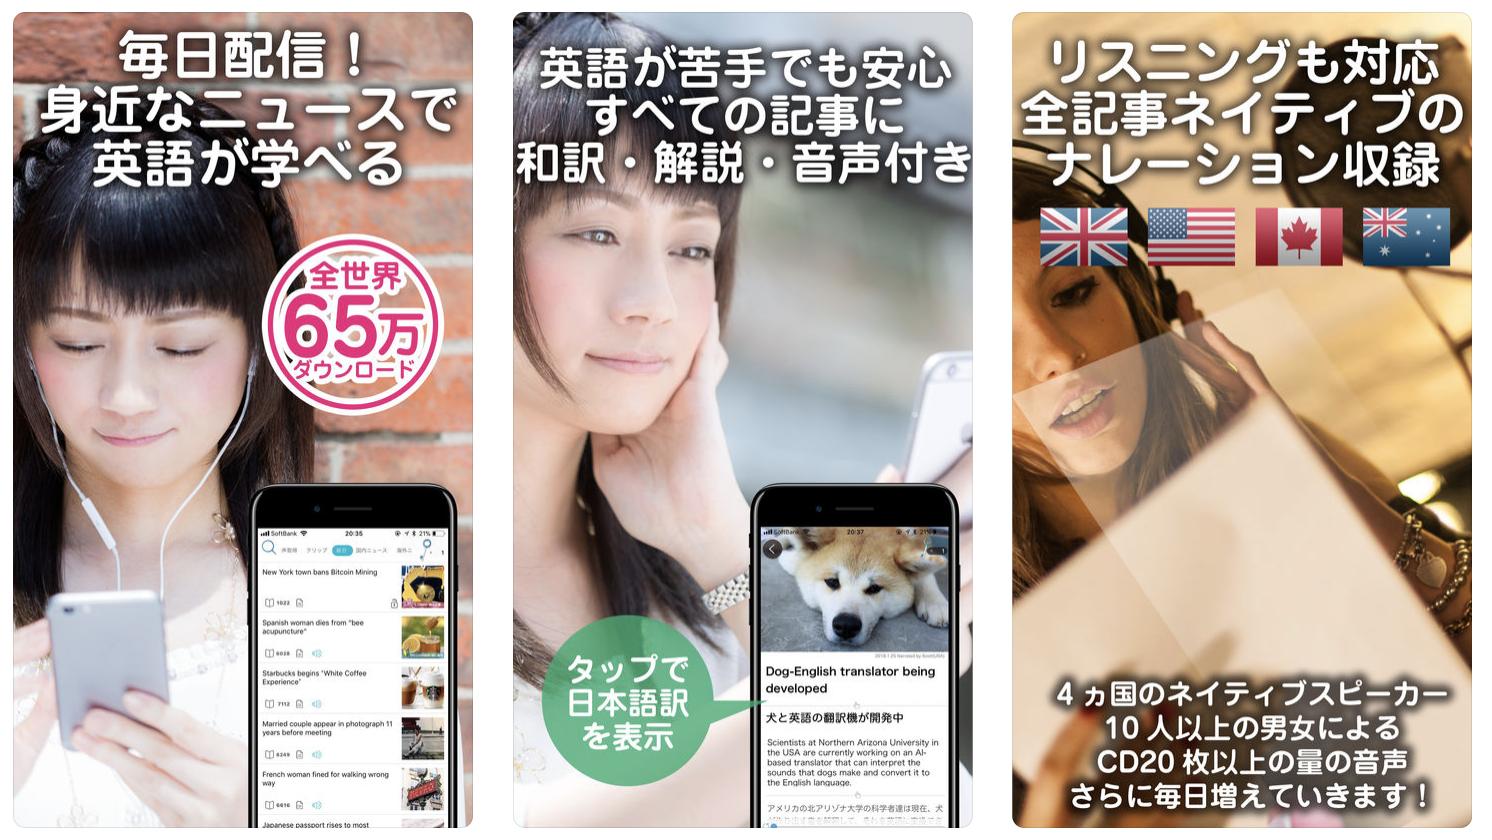 英語リスニングのおすすめアプリ「StudyNow」